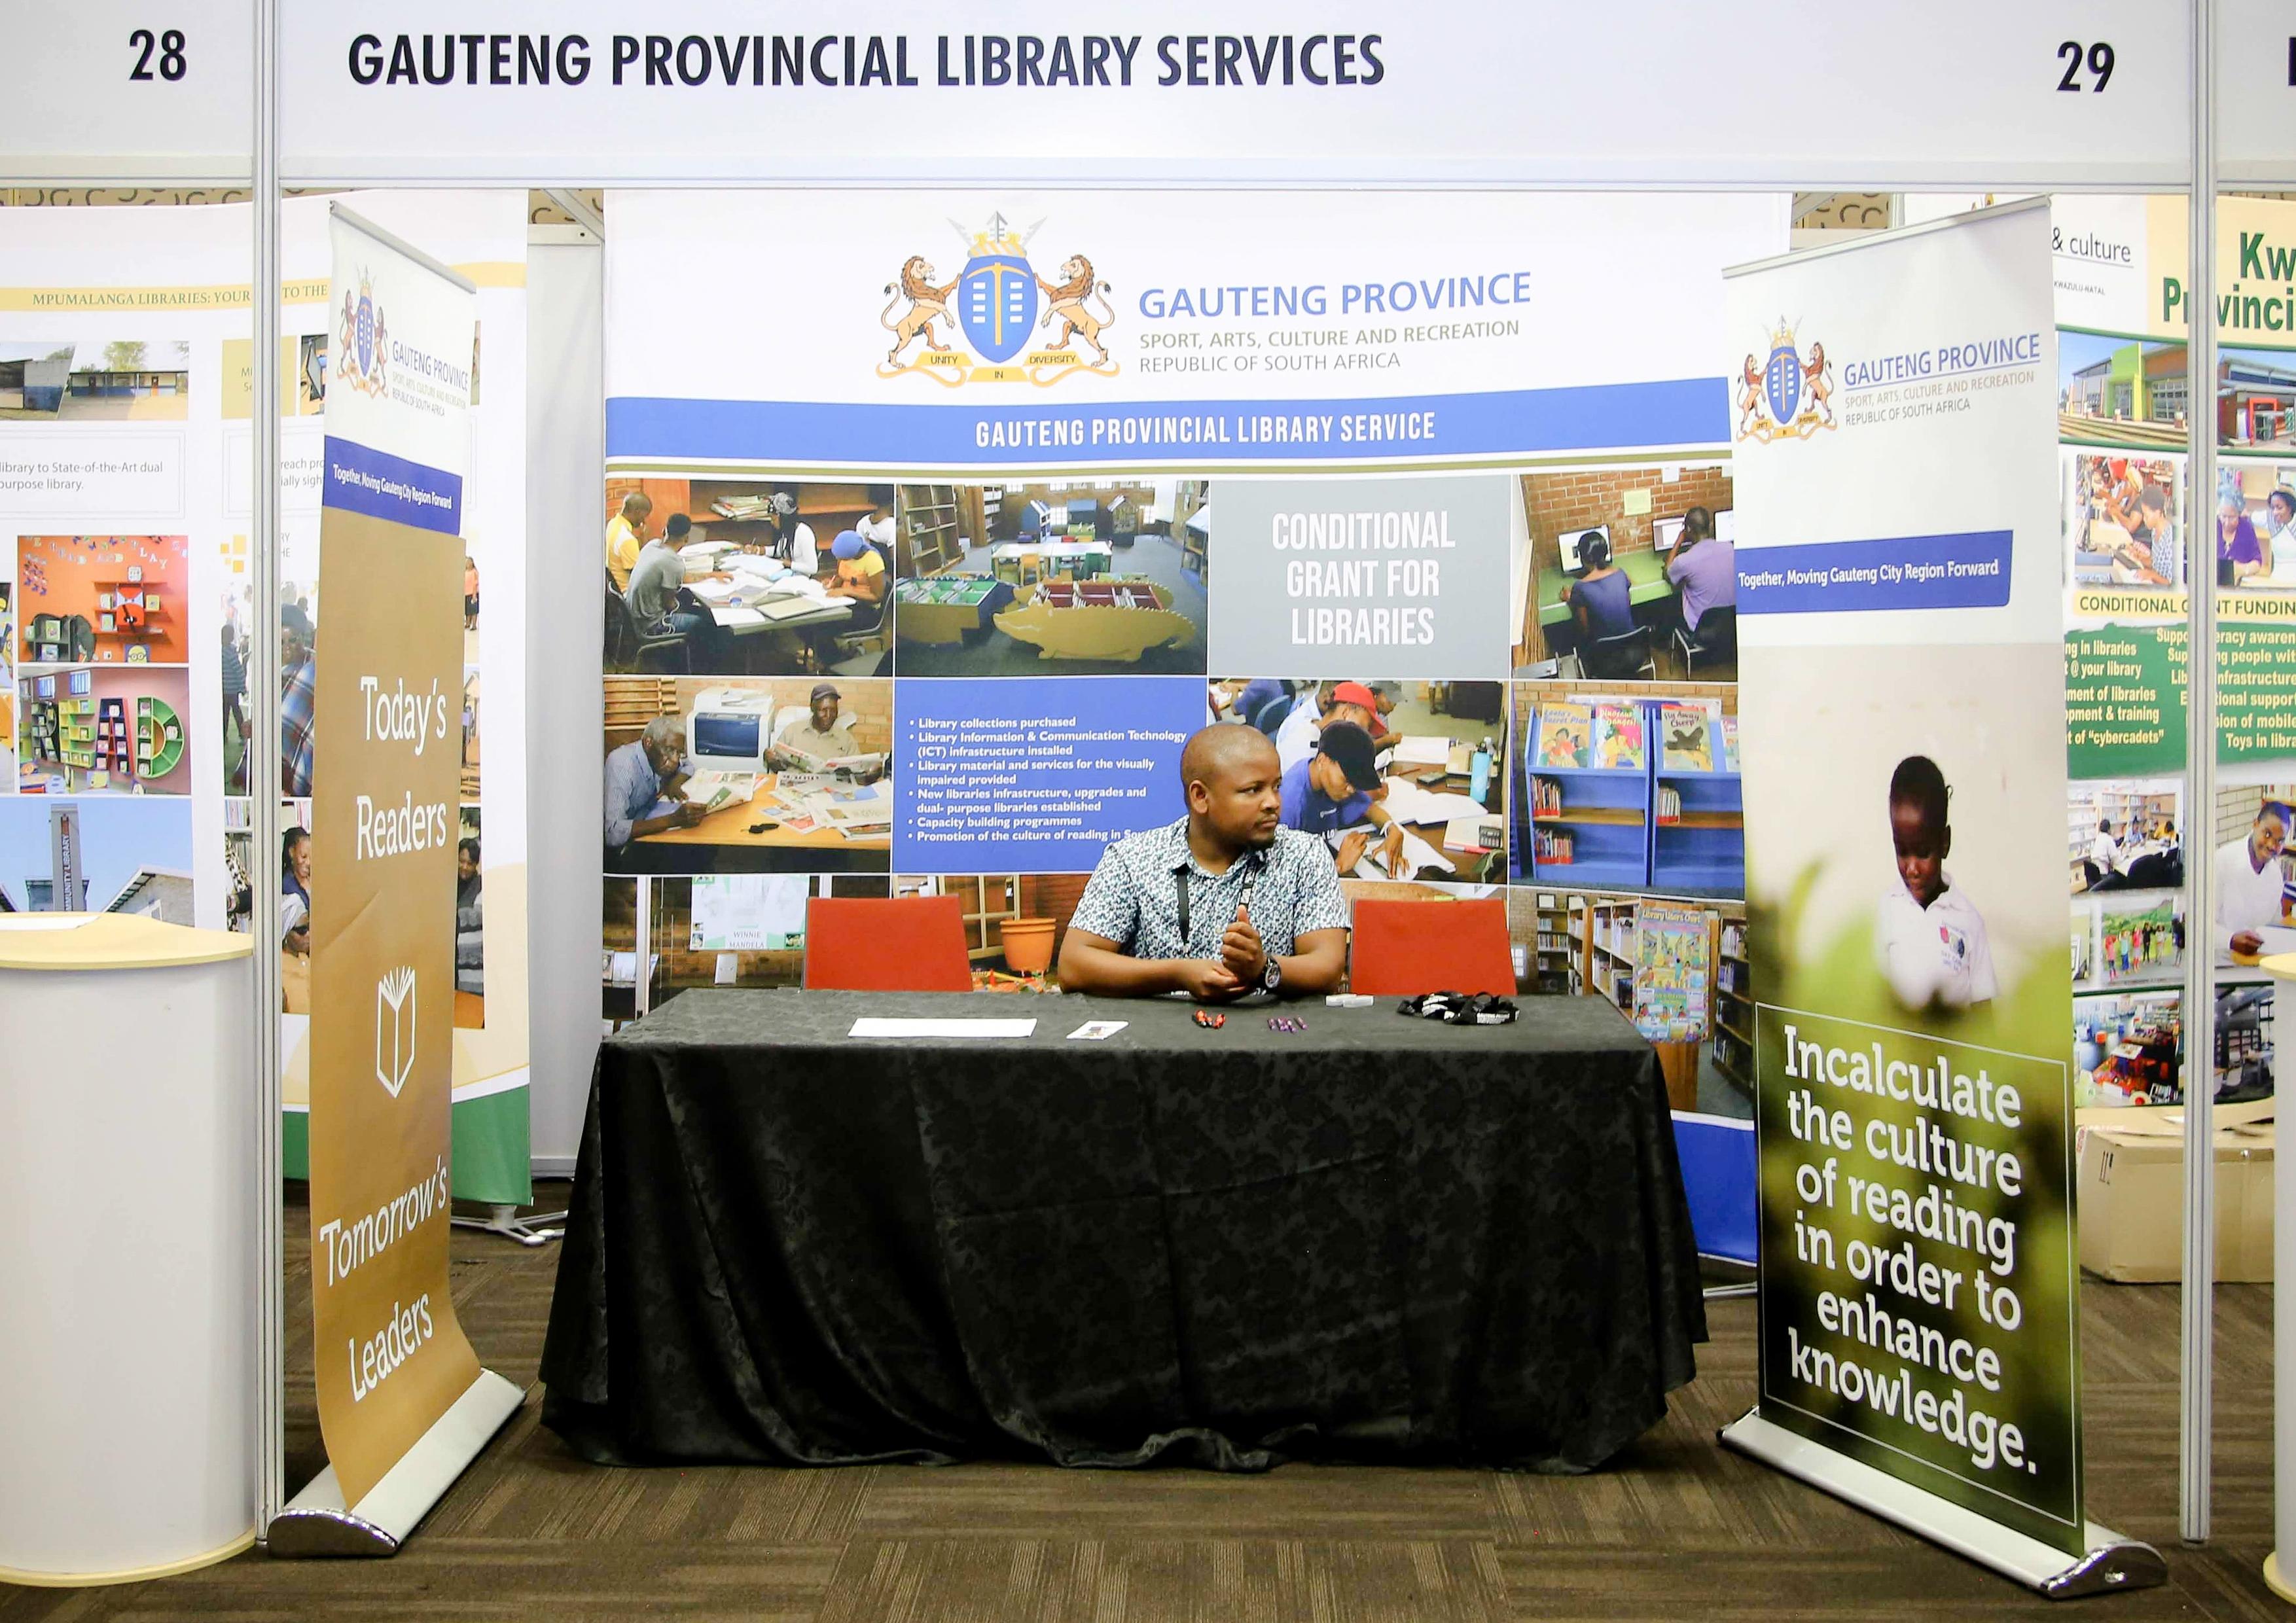 Mobile dating i Gauteng ICP dating kommersielle